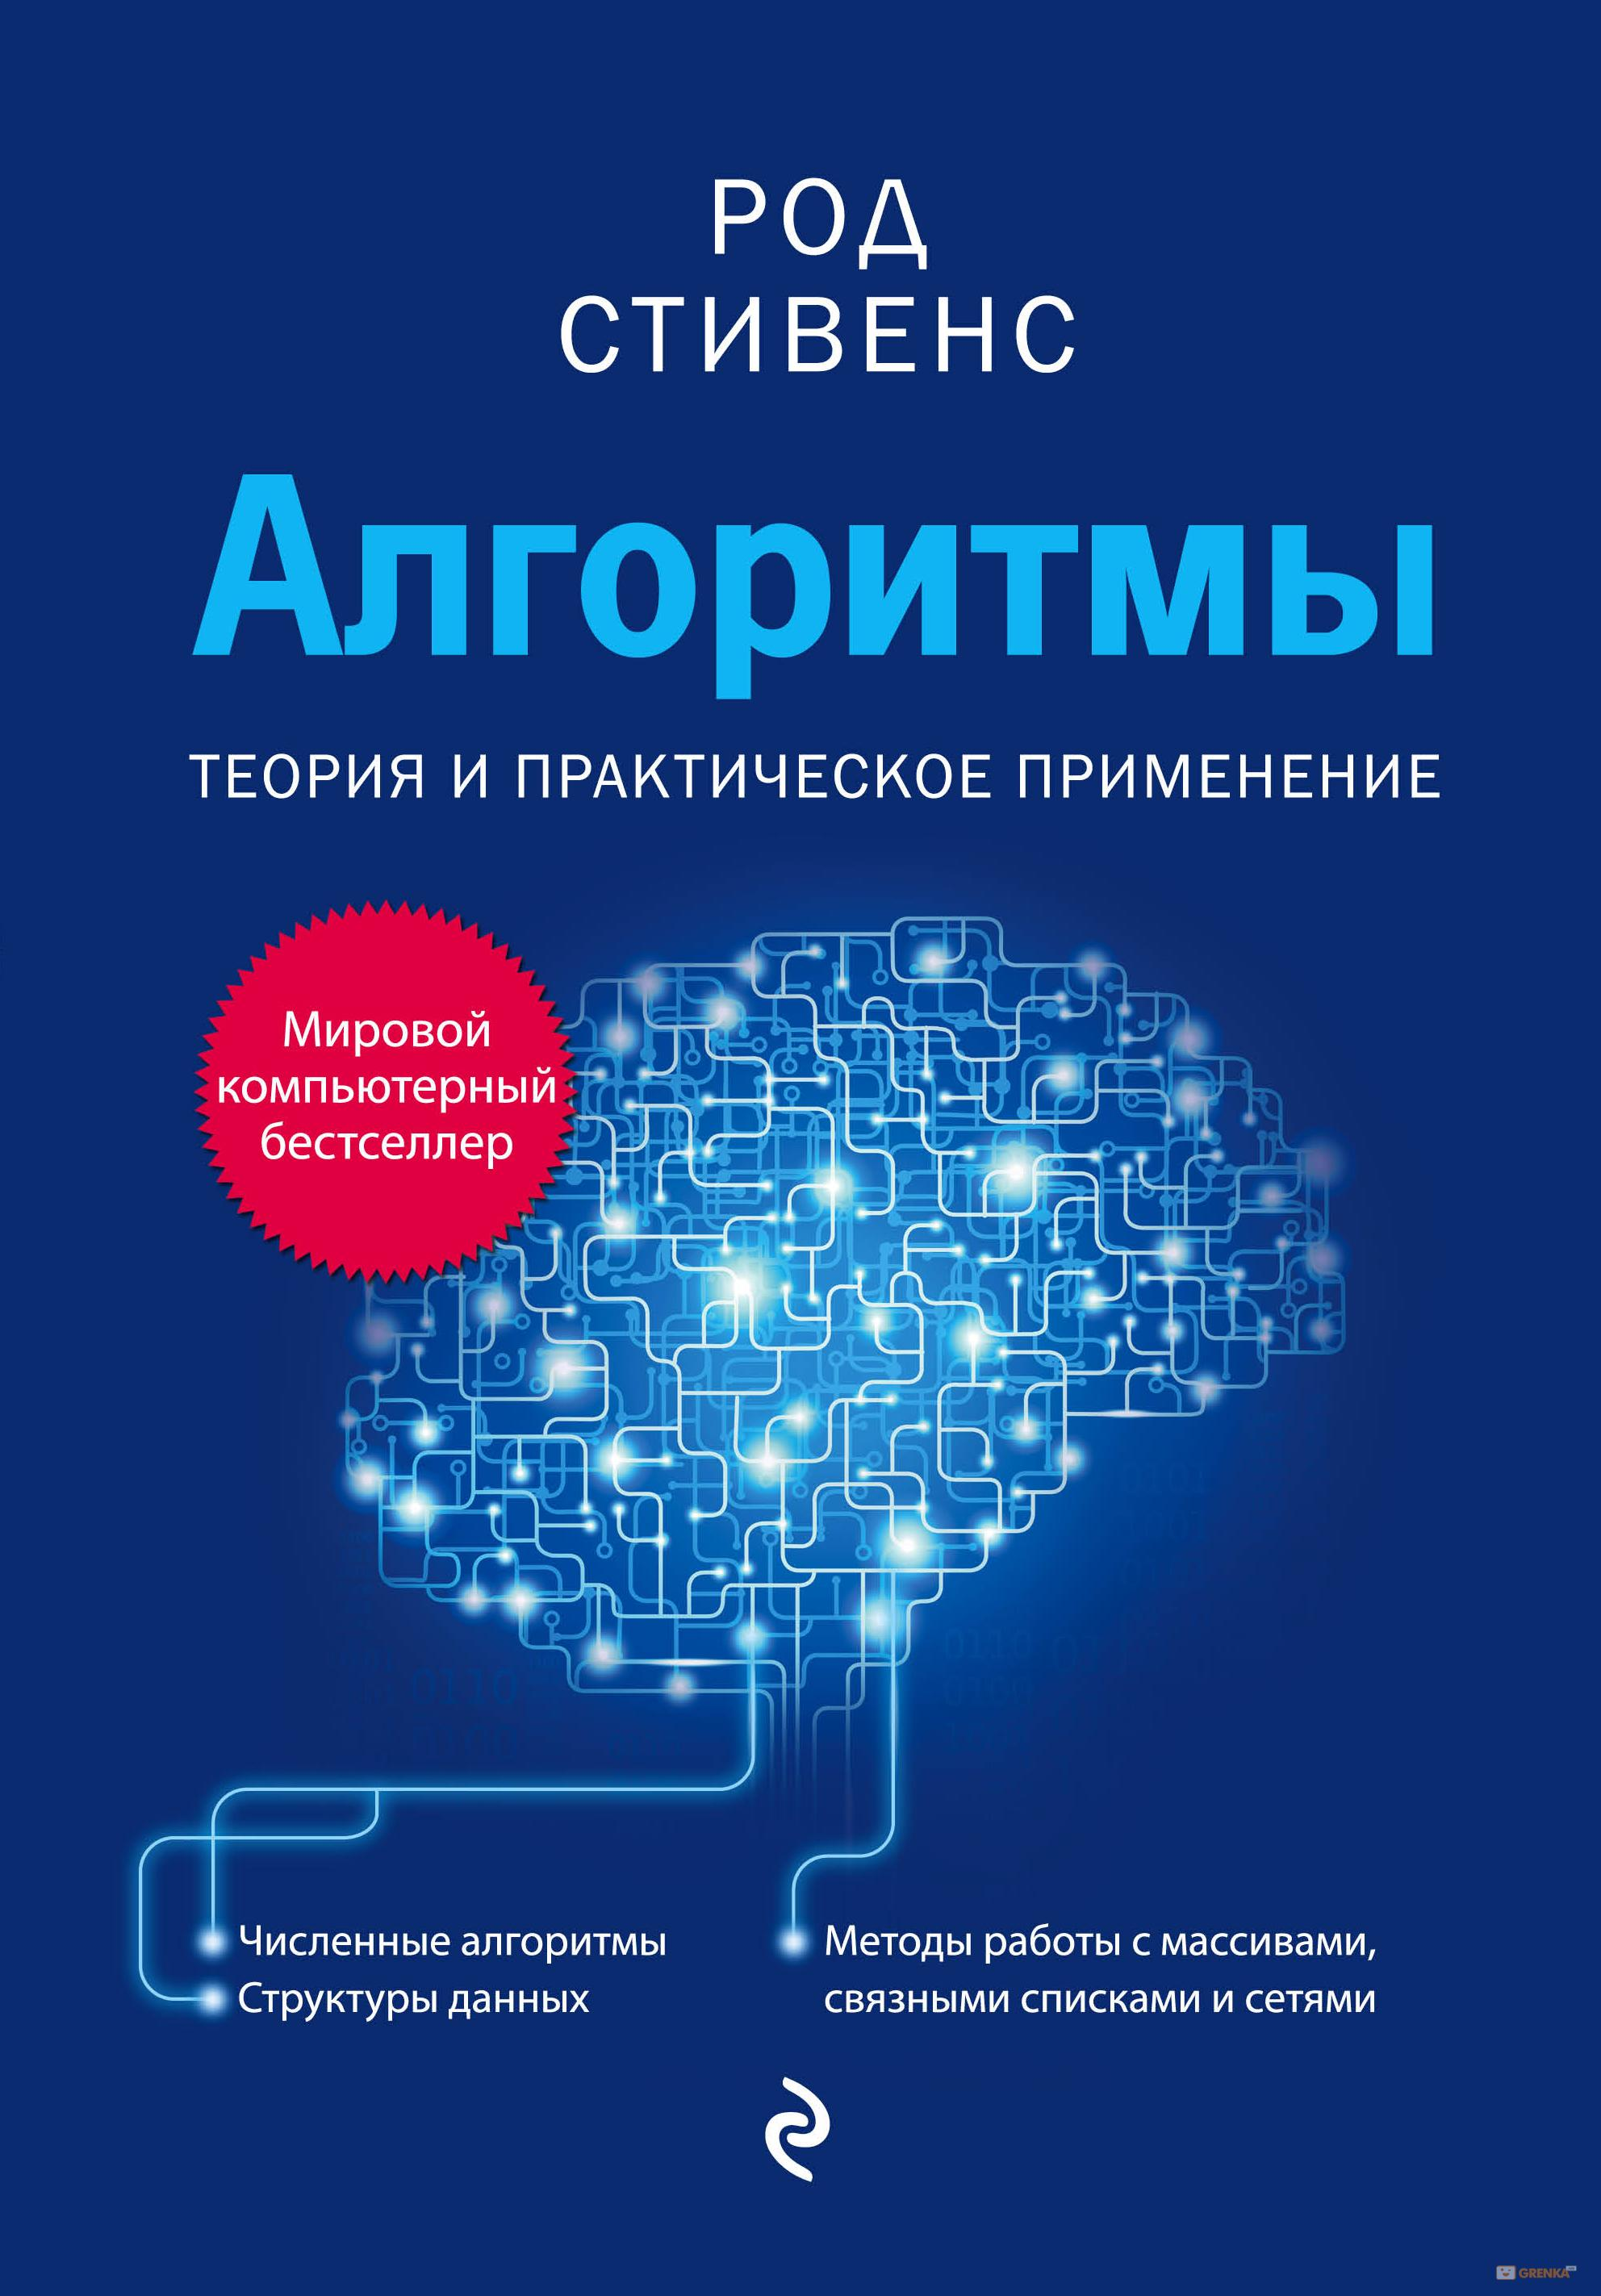 Купить Алгоритмы. Теория и практическое применение, Род Стивенс, 978-5-699-81729-0